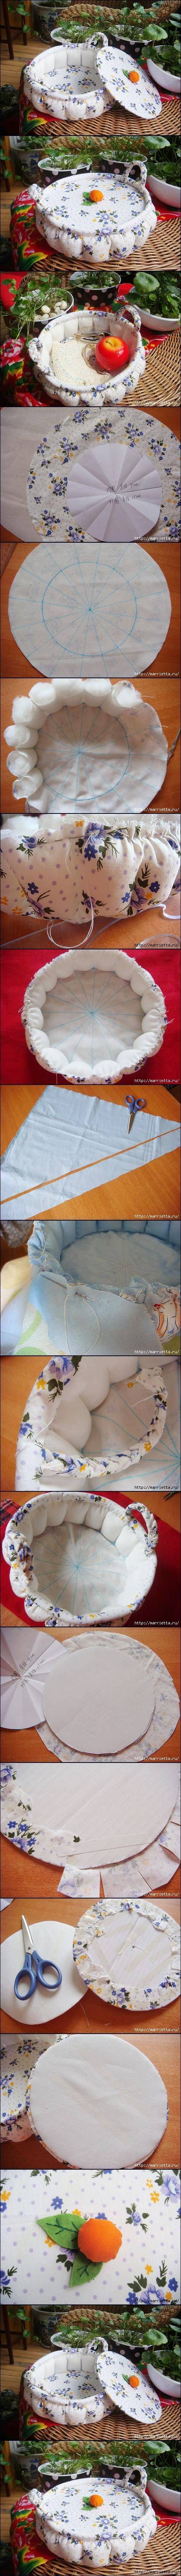 Panela de tecido